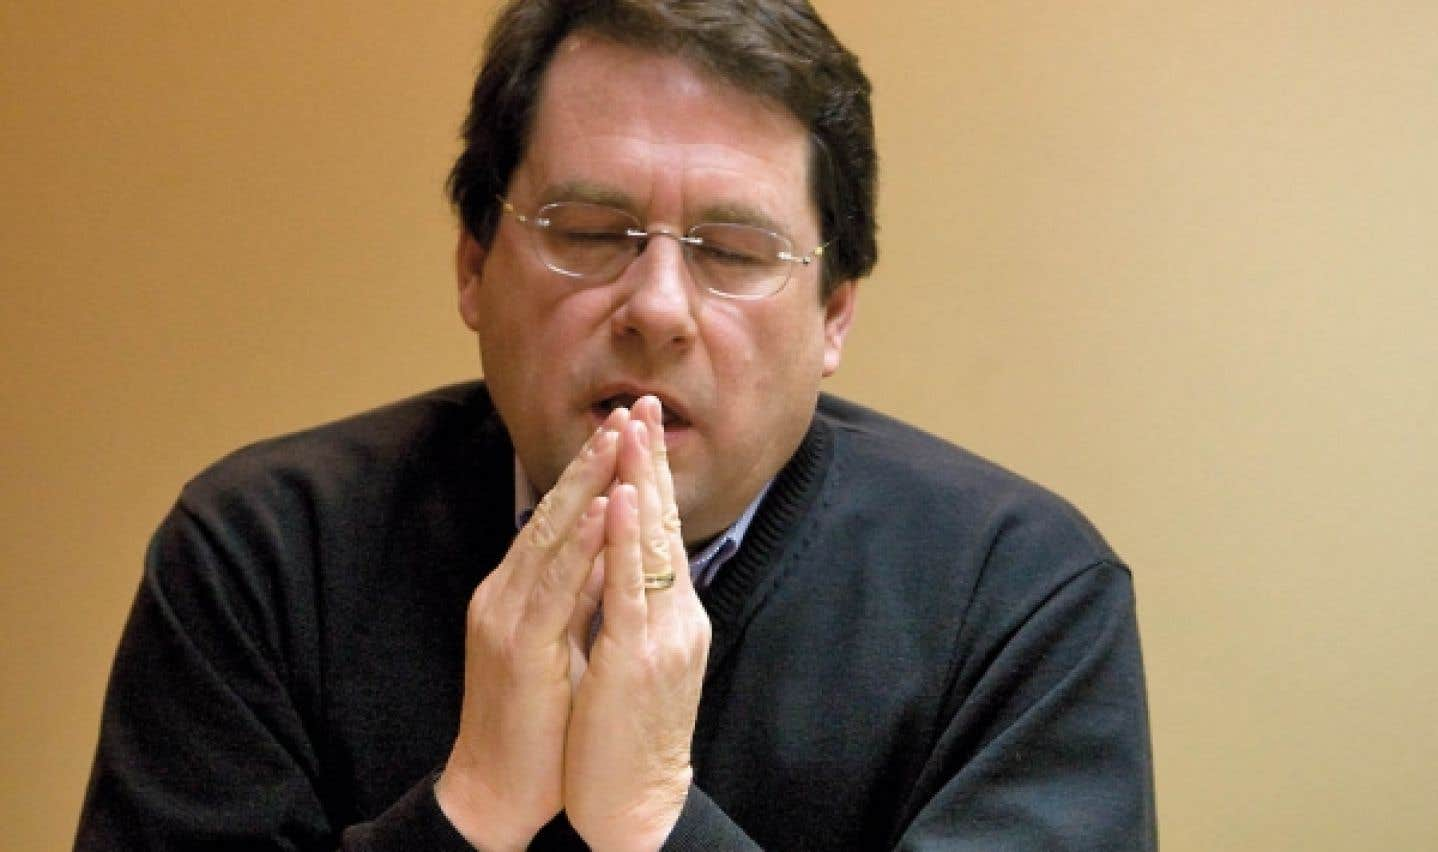 Bernard Drainville en entrevue au Devoir - «Le PQ pourrait disparaître»